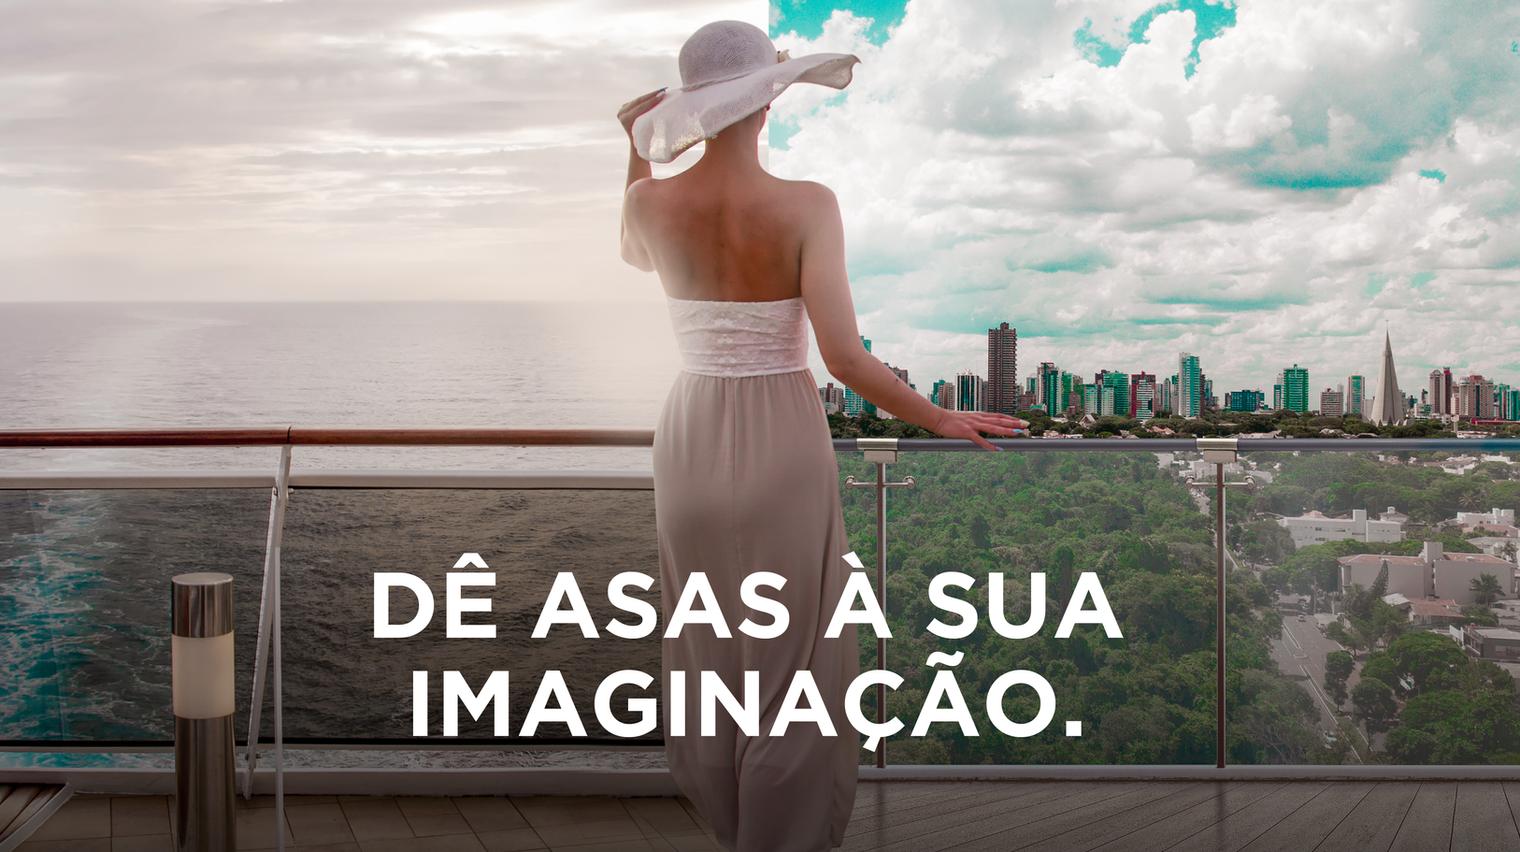 DÊ ASAS À SUA IMAGINAÇÃO